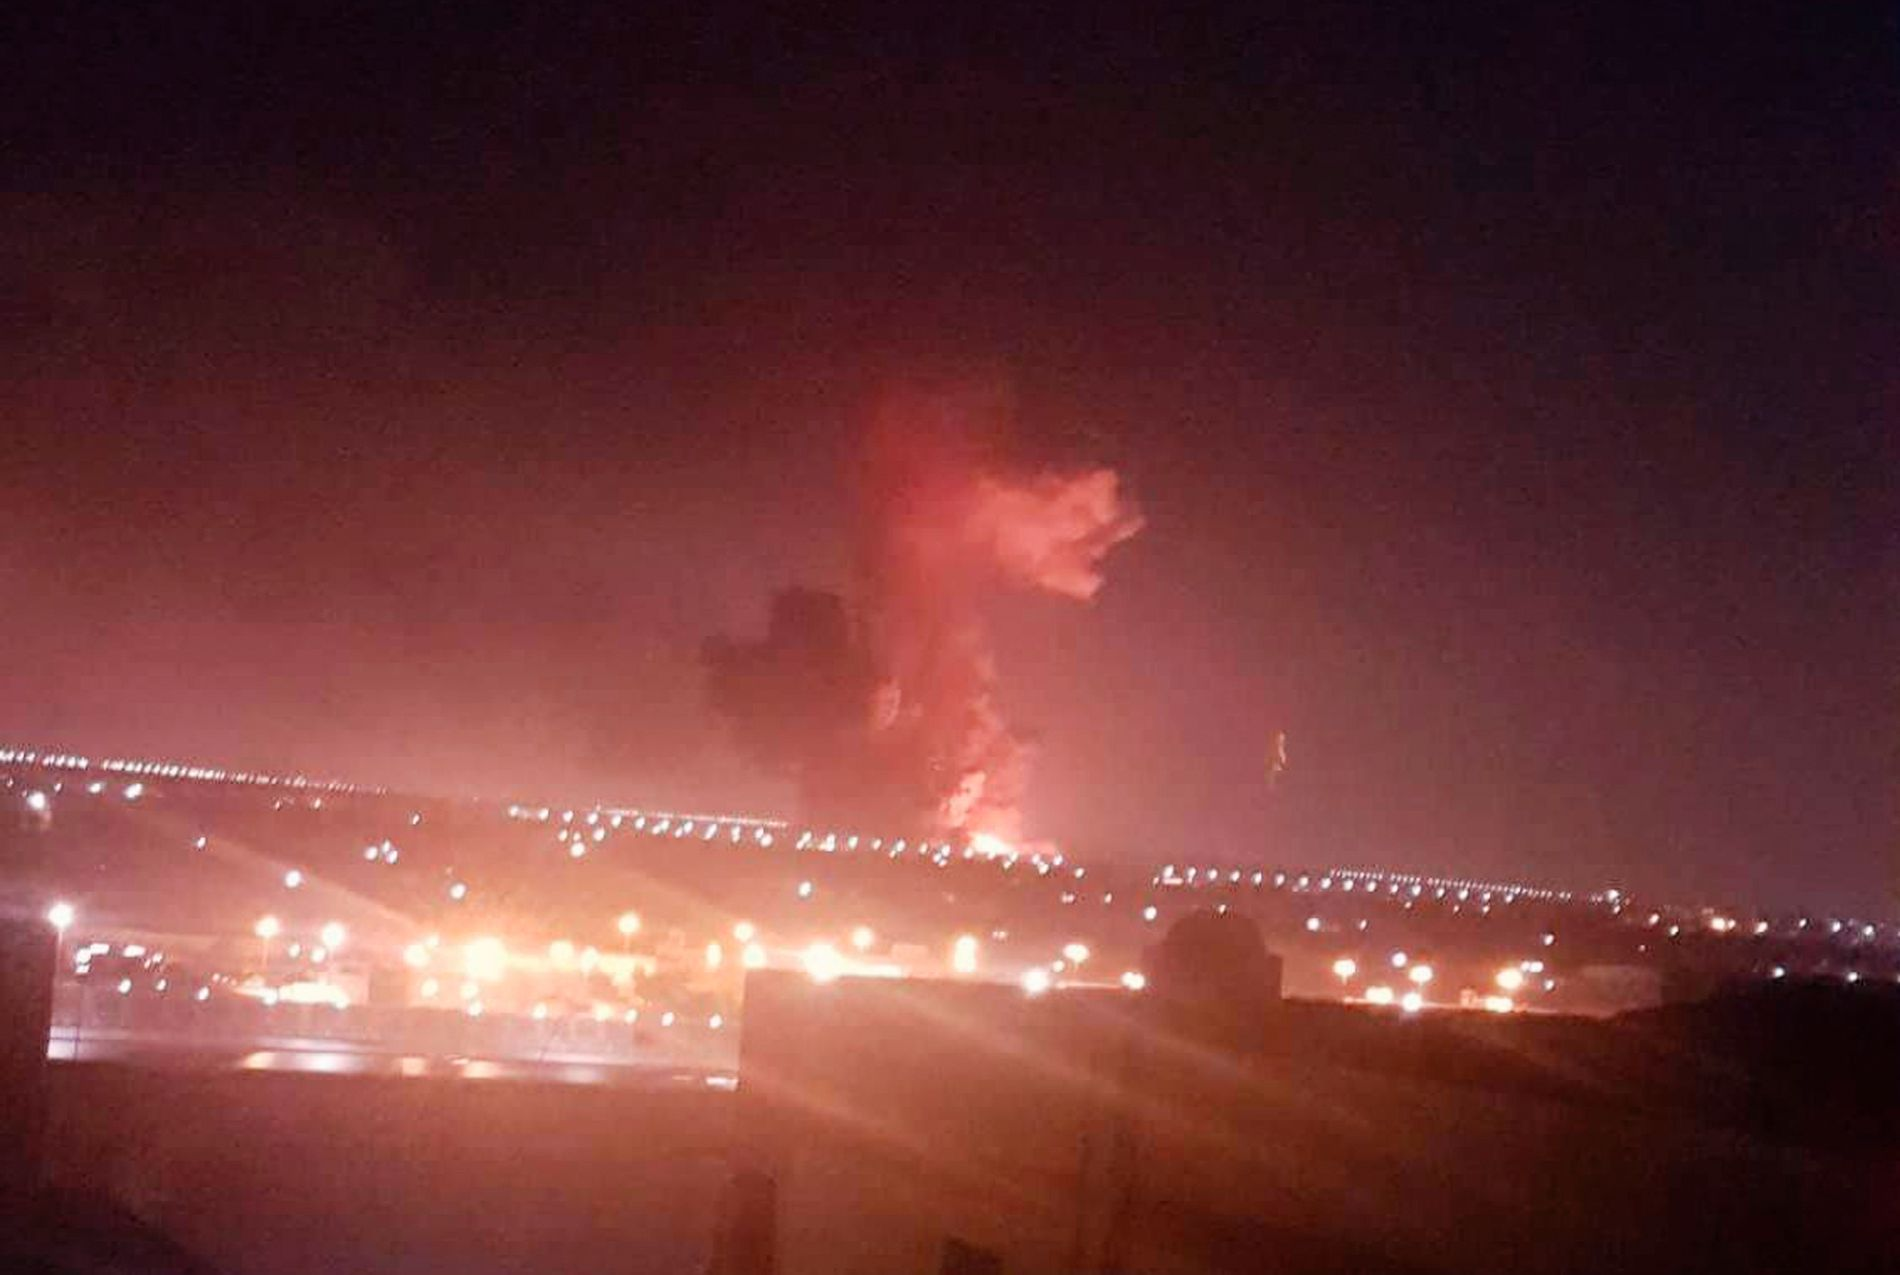 RØYKSKY: Bildet viser eksplosjonen ved en kjemikaliefabrikk i Kario torsdag kveld.